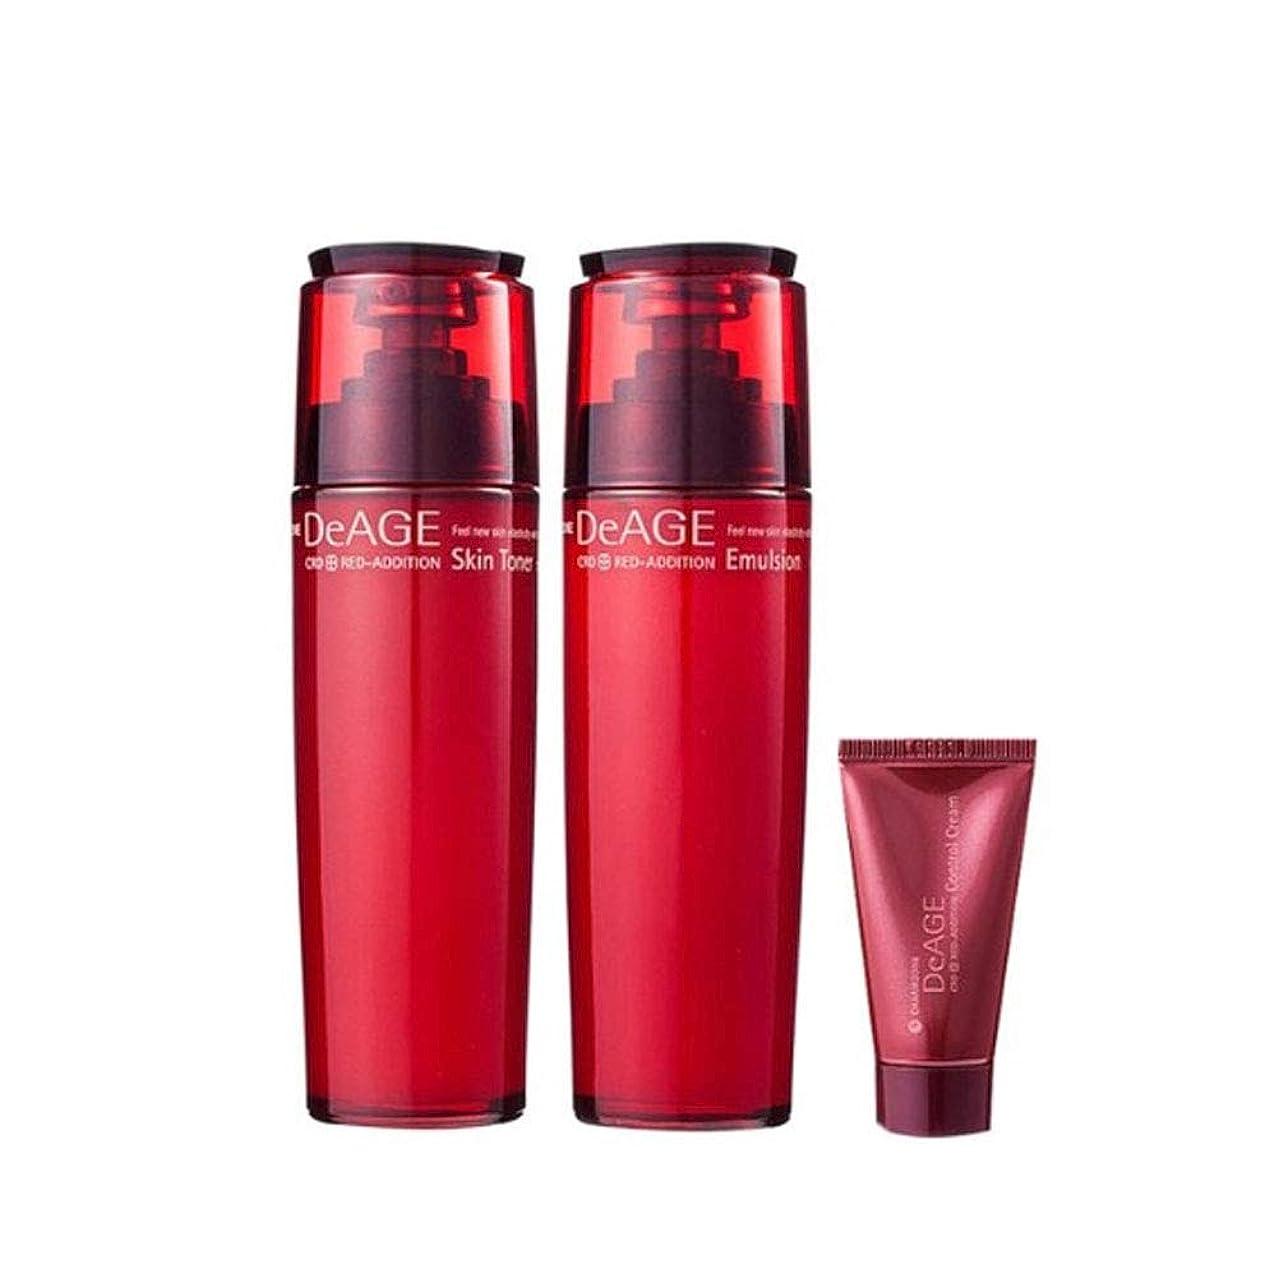 分岐するバンド雨のチャムジョンディエイジレッドエディションセット(スキントナー130ml、エマルジョン130ml、コントロールクリーム15ml)、Charmzone DeAGE Red Addition Set(Skin Toner 130ml、Emulsion 130ml、Control Cream 15ml) [並行輸入品]